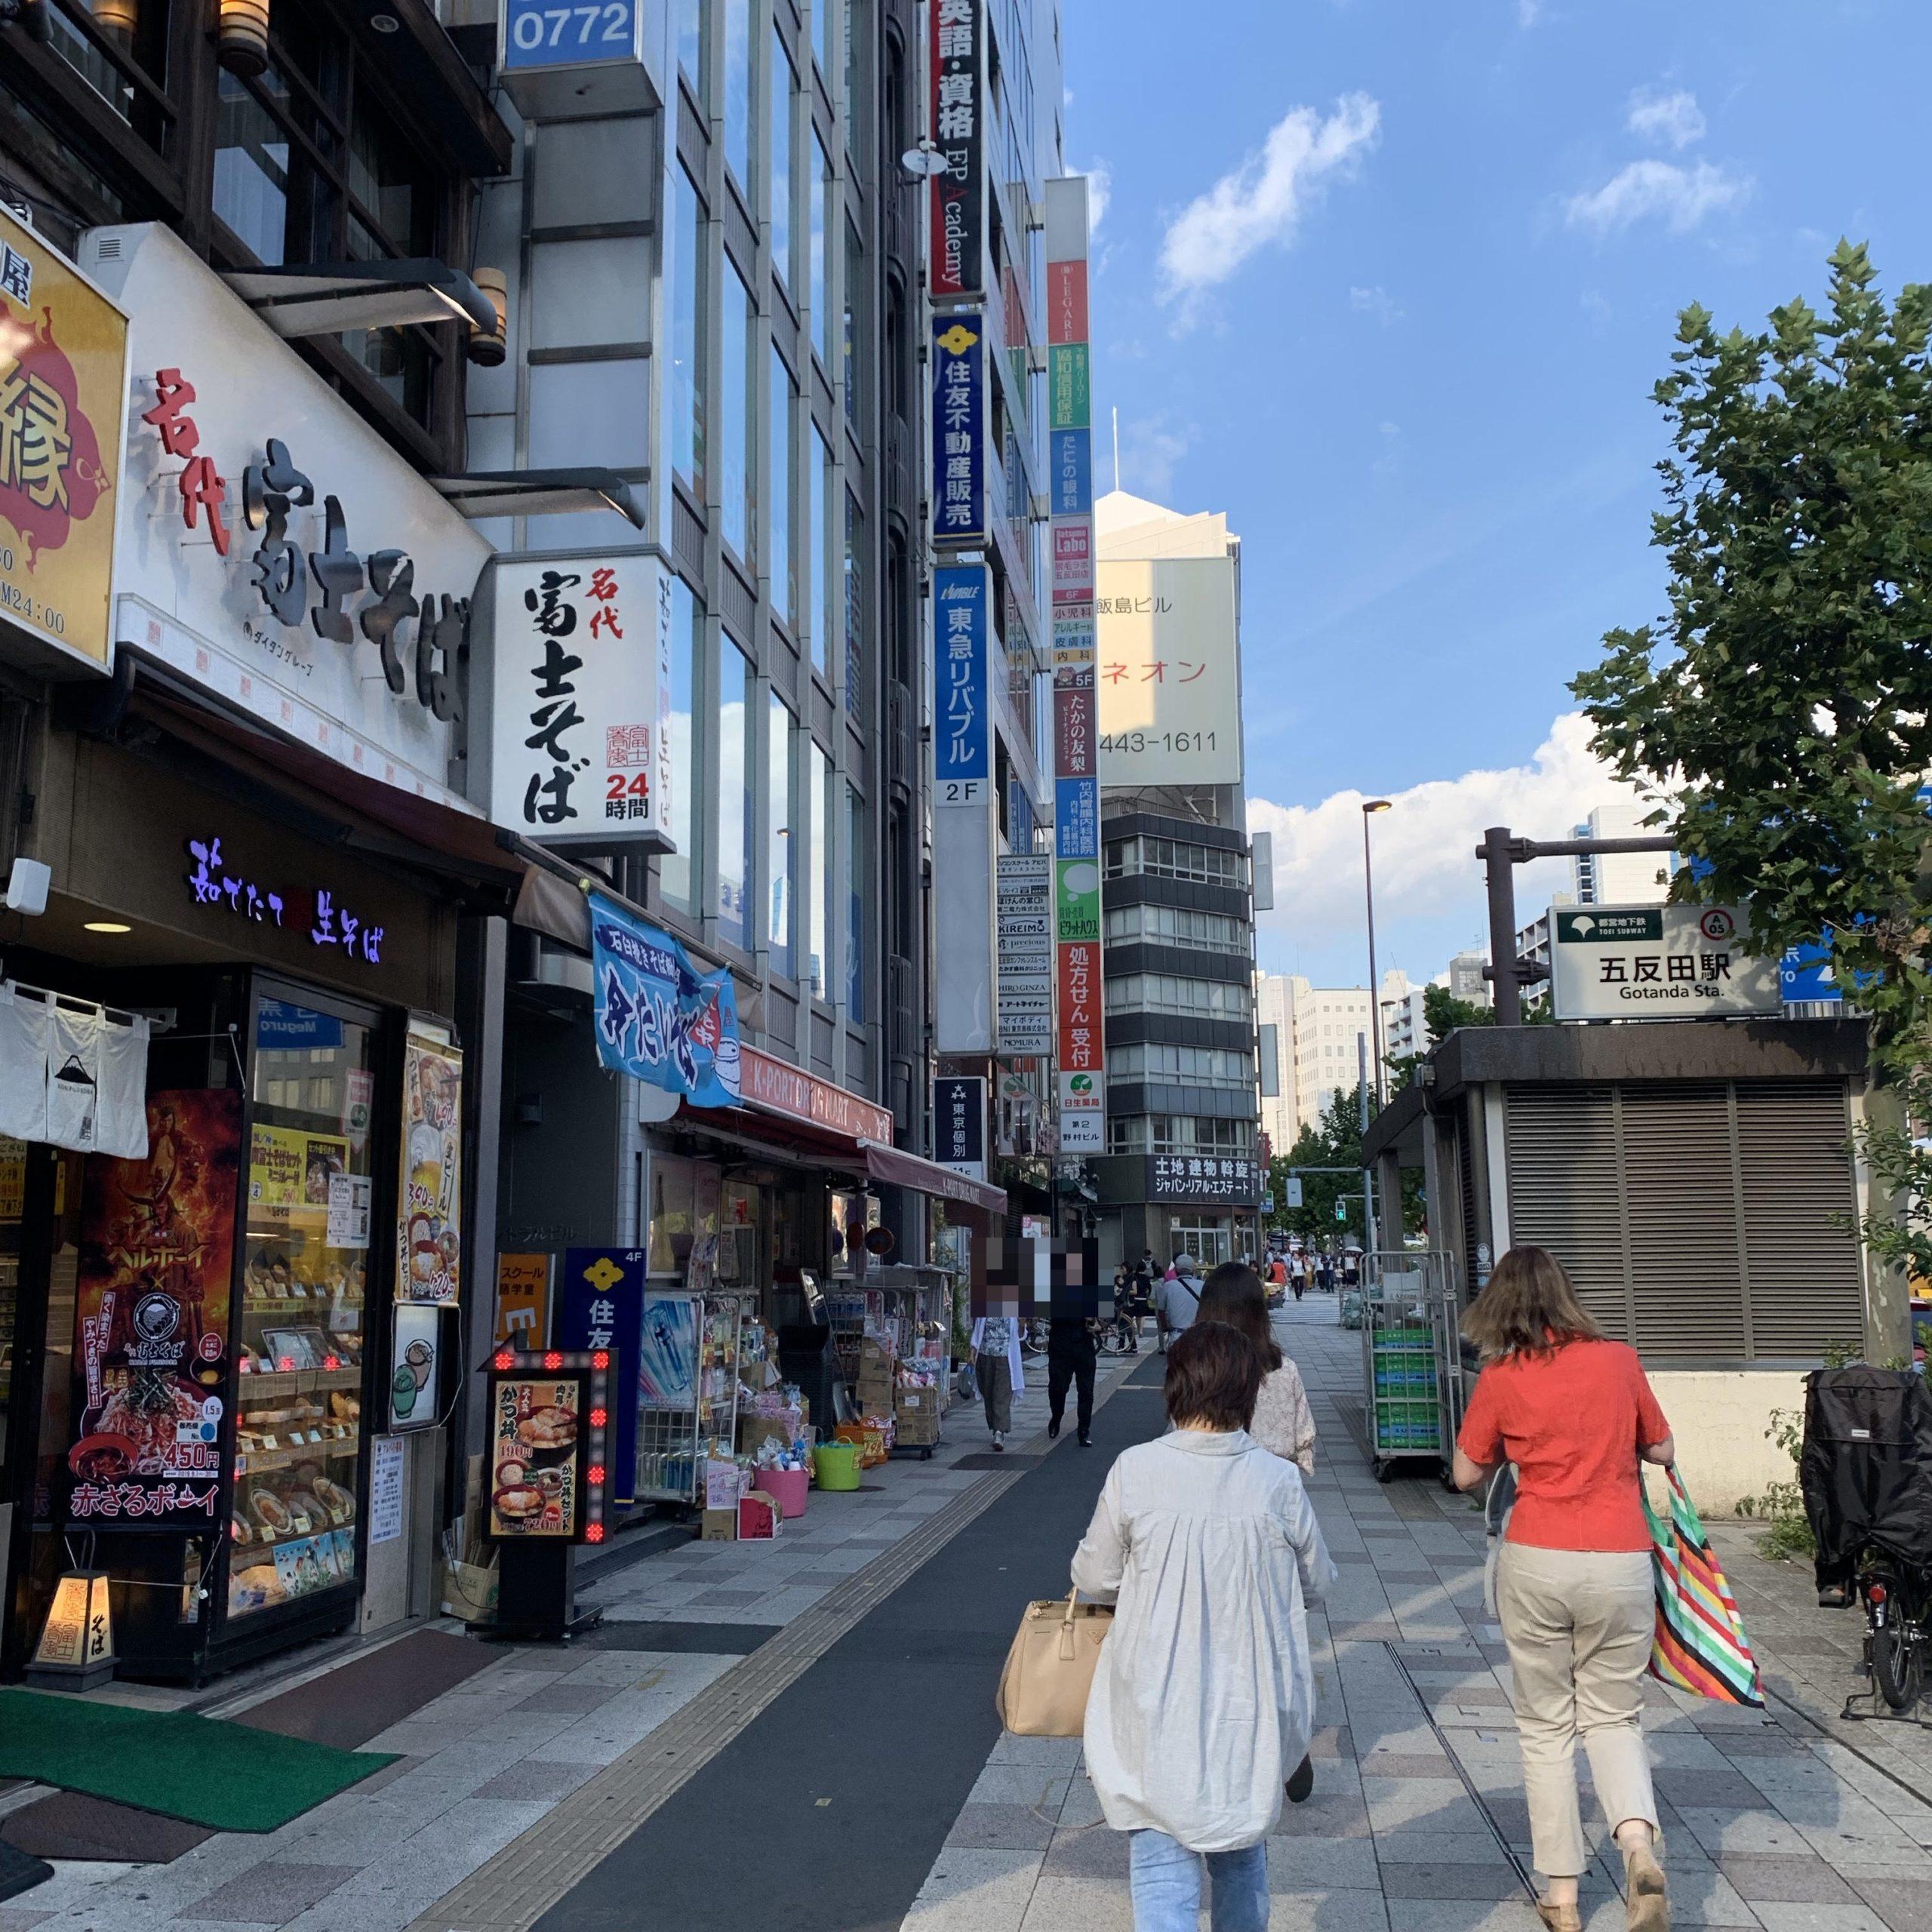 7.富士そばの隣の隣のビルの1階に日生薬局がございます。こちらのビルになります。